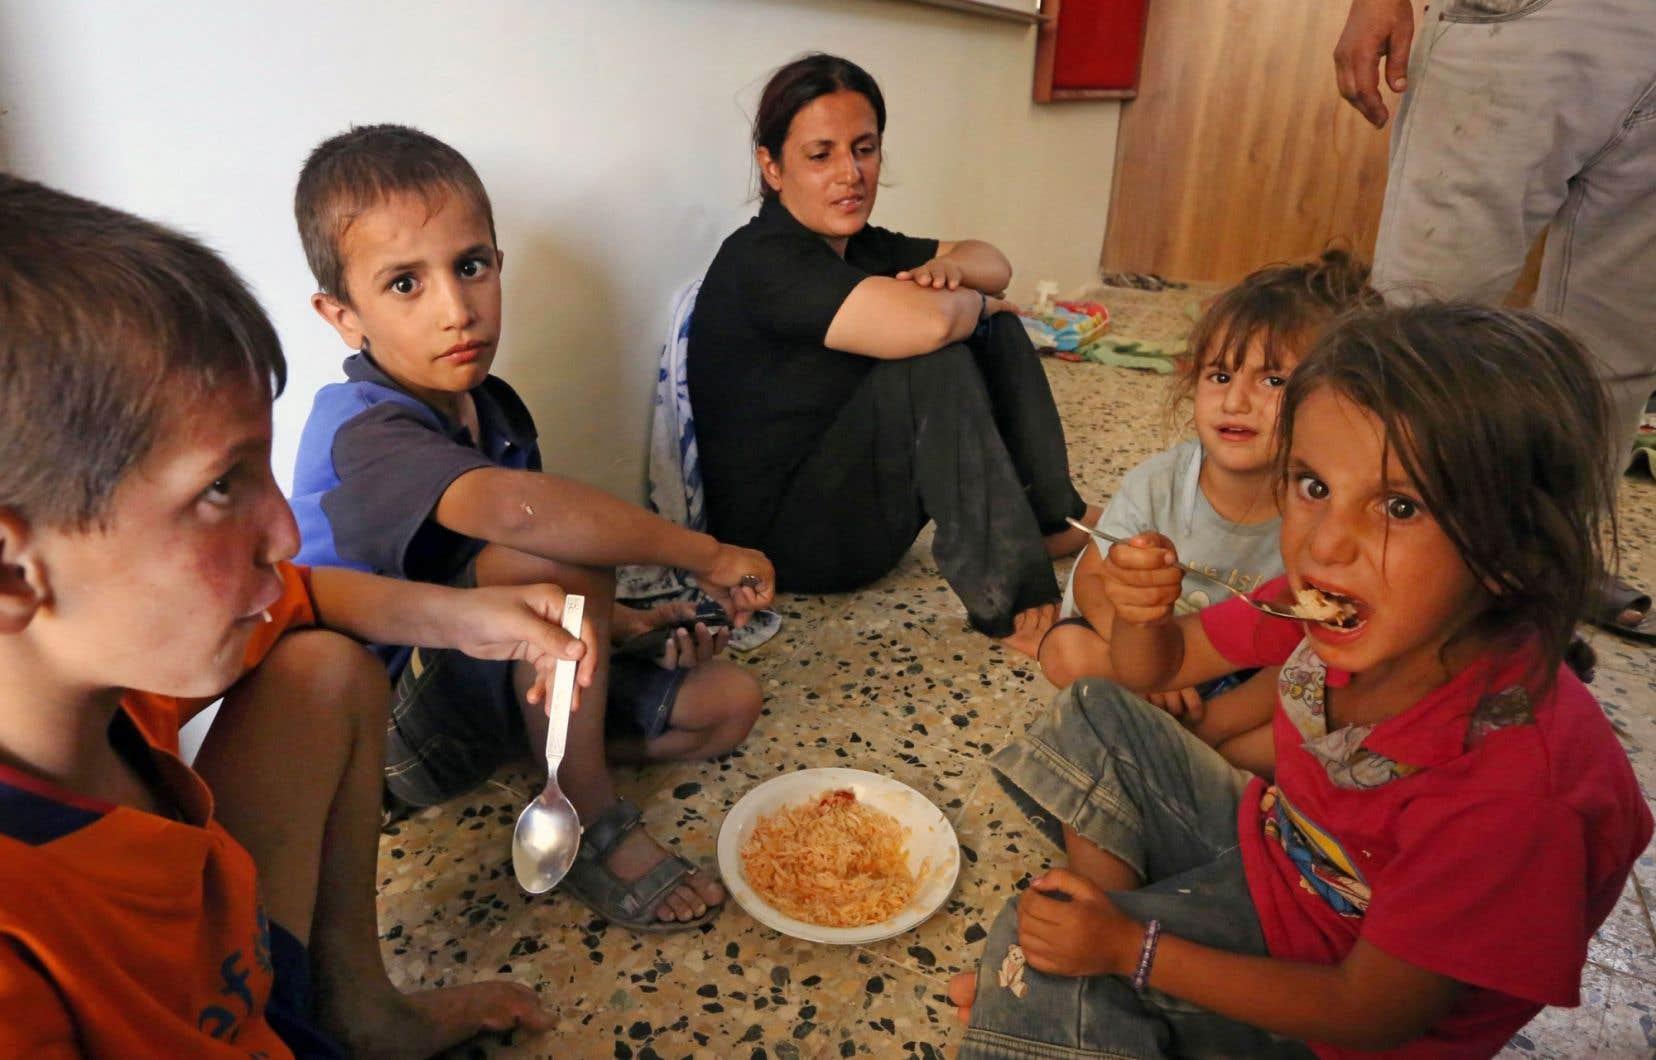 Des chrétiens d'Irak se reposant, le 7 août, dans l'église Saint-Joseph du village kurde d'Arbil aprés avoir fui les violences de leur village.